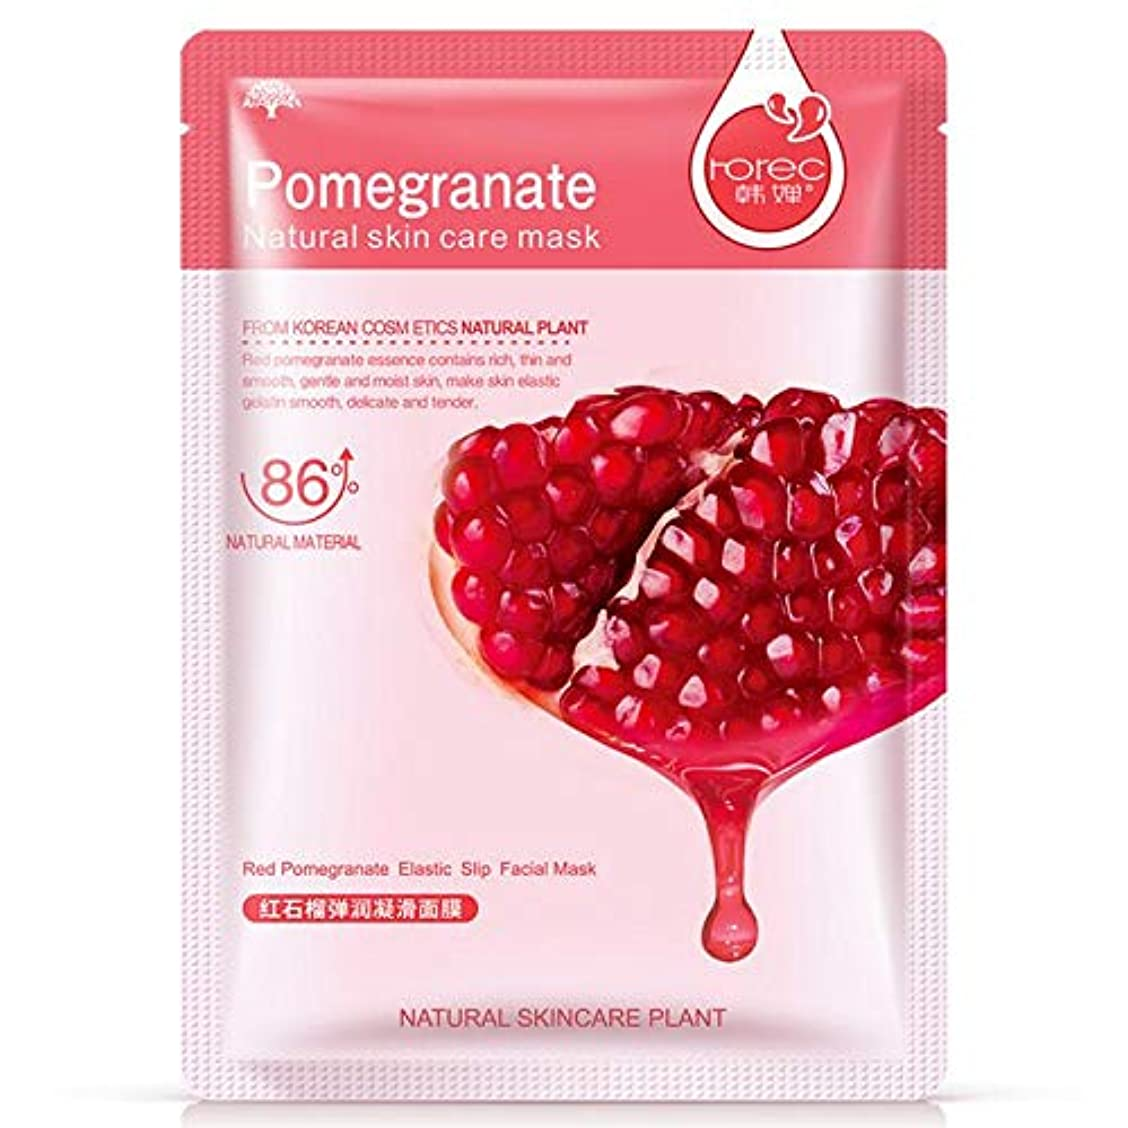 柔らかさ水知り合いになる(Pomegranate) Skin Care Plant Facial Mask Moisturizing Oil Control Blackhead Remover Wrapped Mask Face Mask Face Care